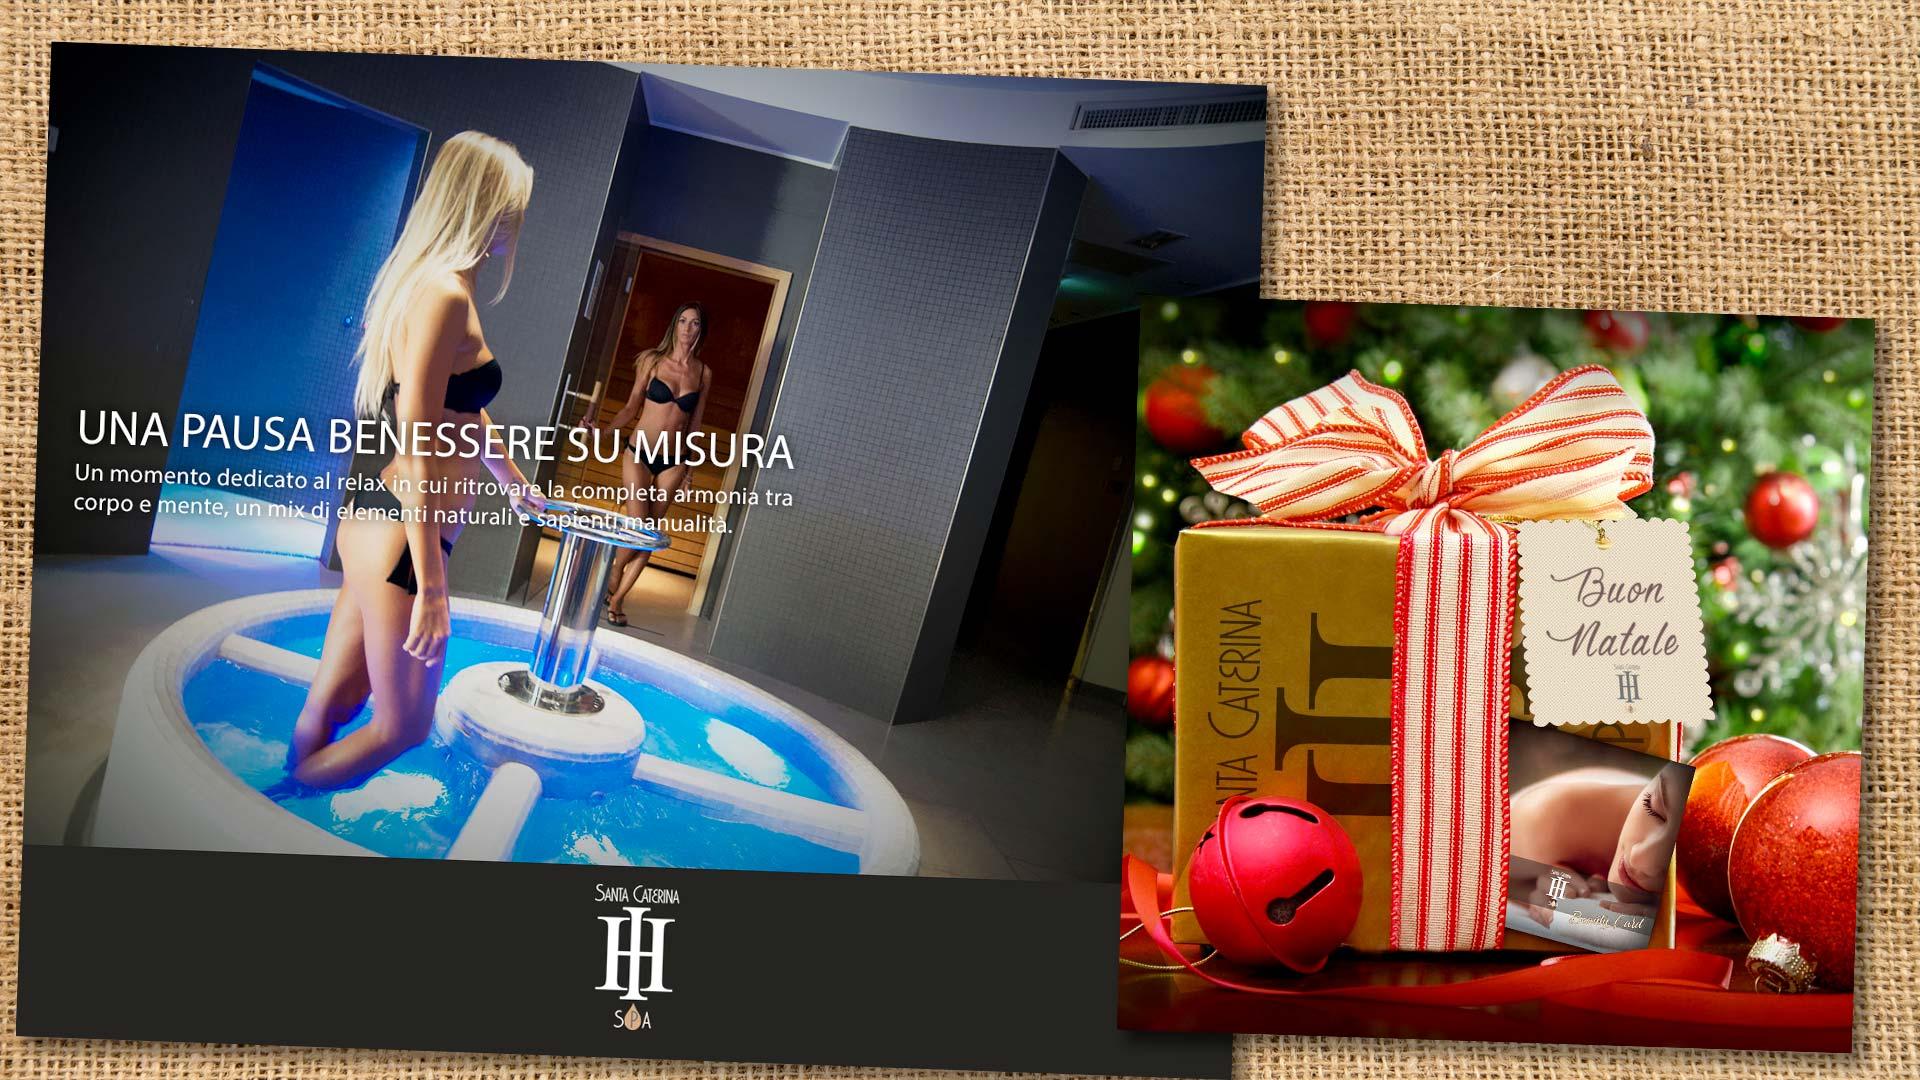 regali di natale santa caterina beauty farm -Grafica pubblicitaria La Spezia